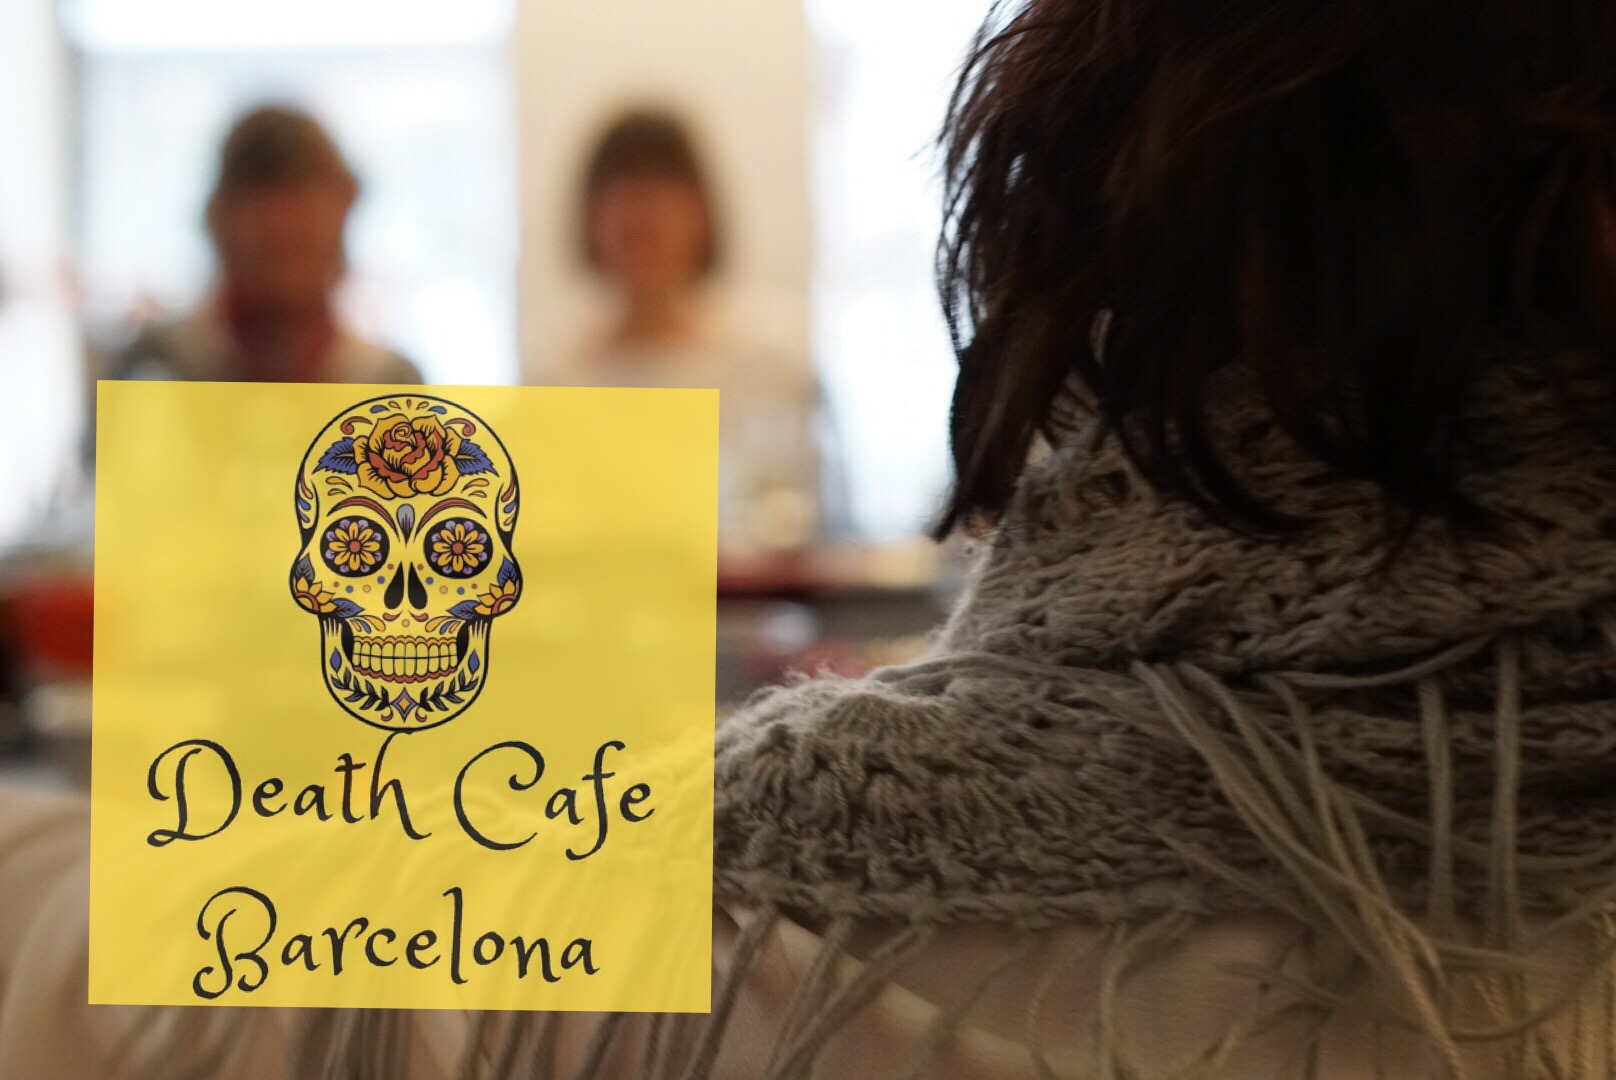 Crónica Death Cafe Barcelona 23/03/2017 #hablemosdelamuerte